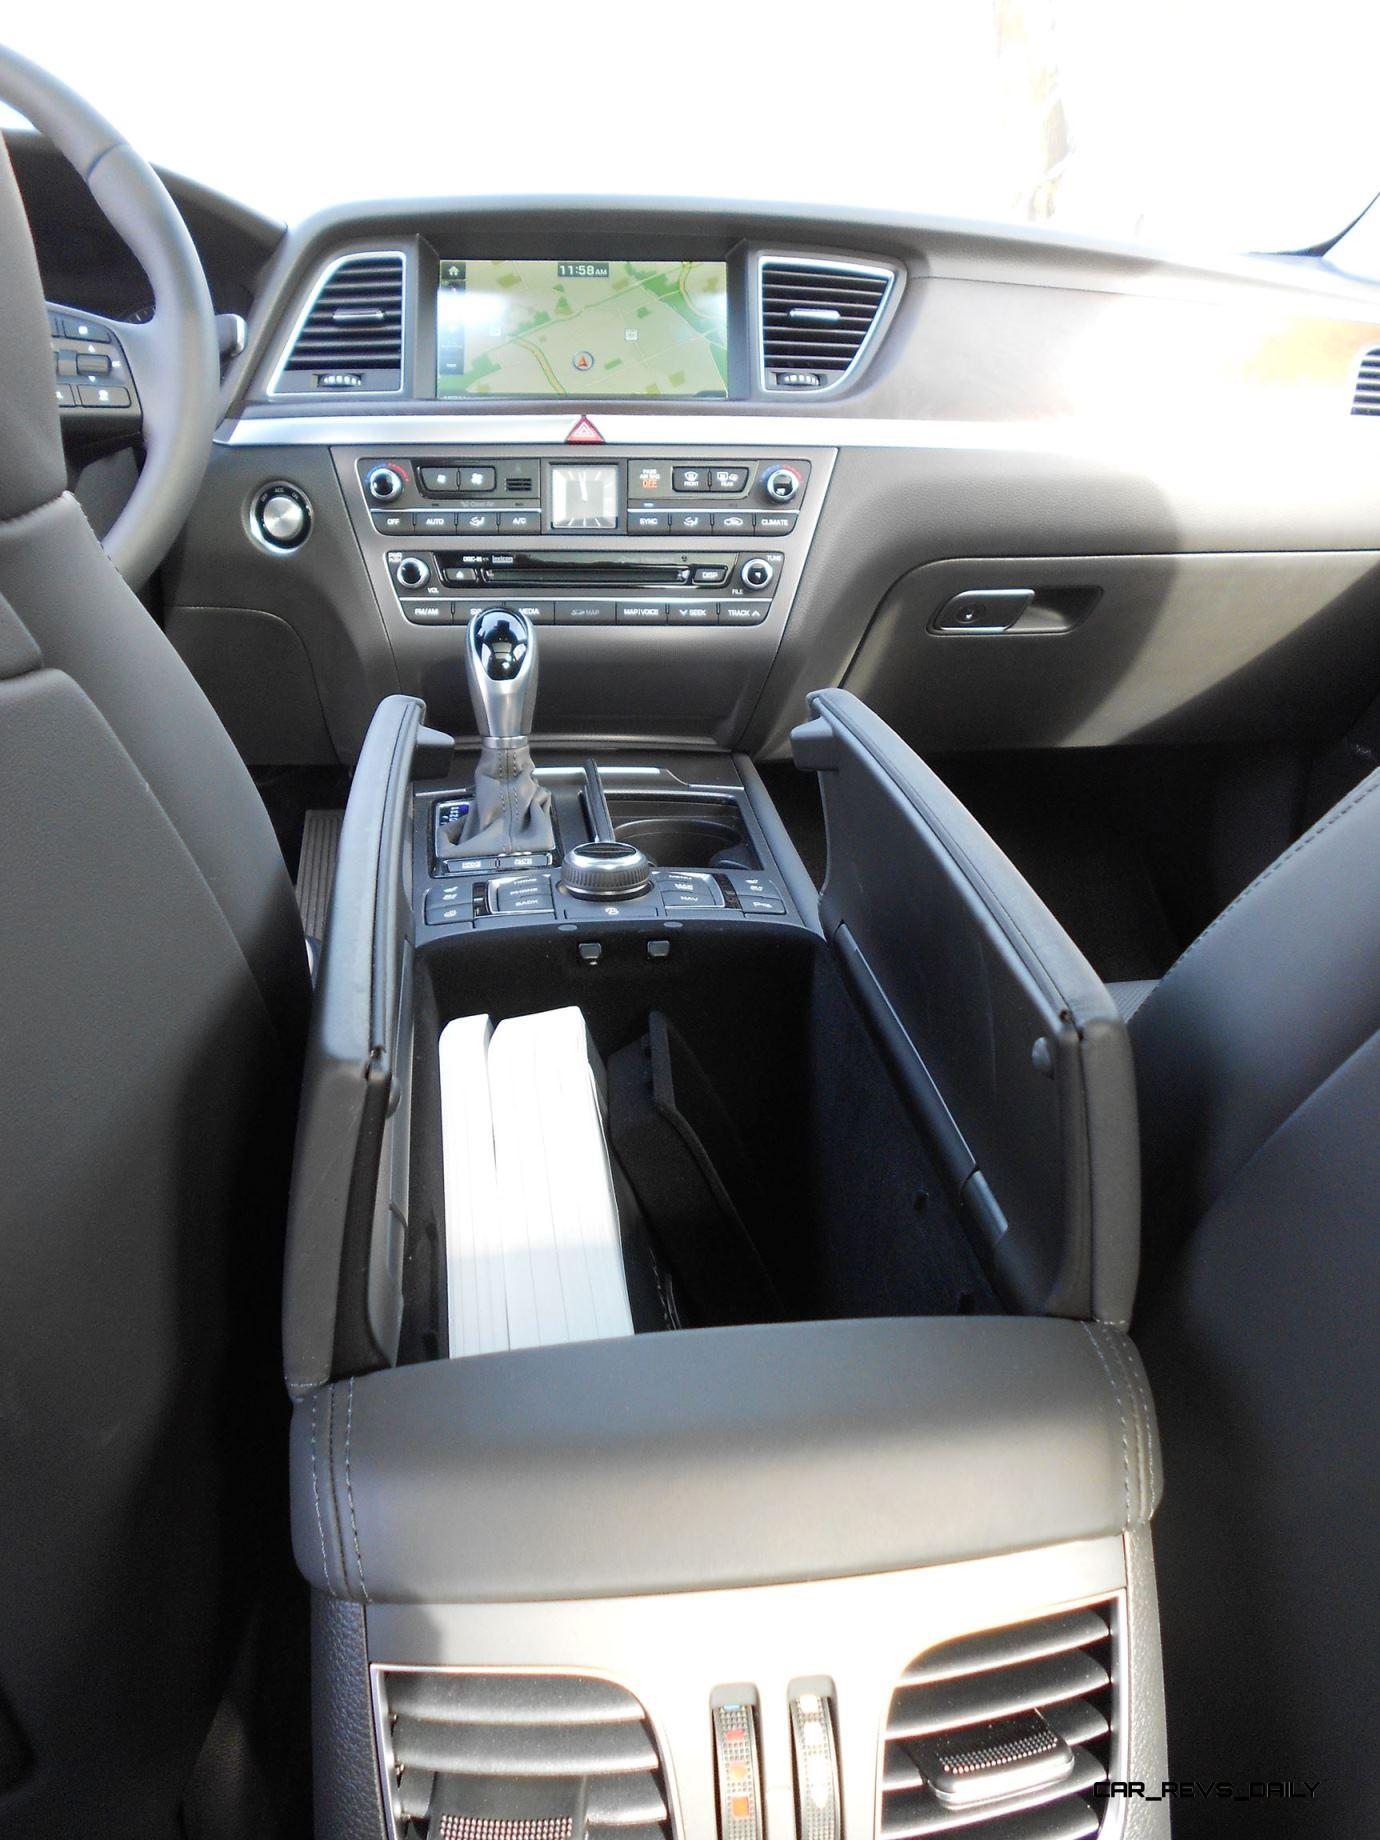 2016 hyundai genesis awd 3 8 review interior 7 - 2016 hyundai genesis sedan interior ...